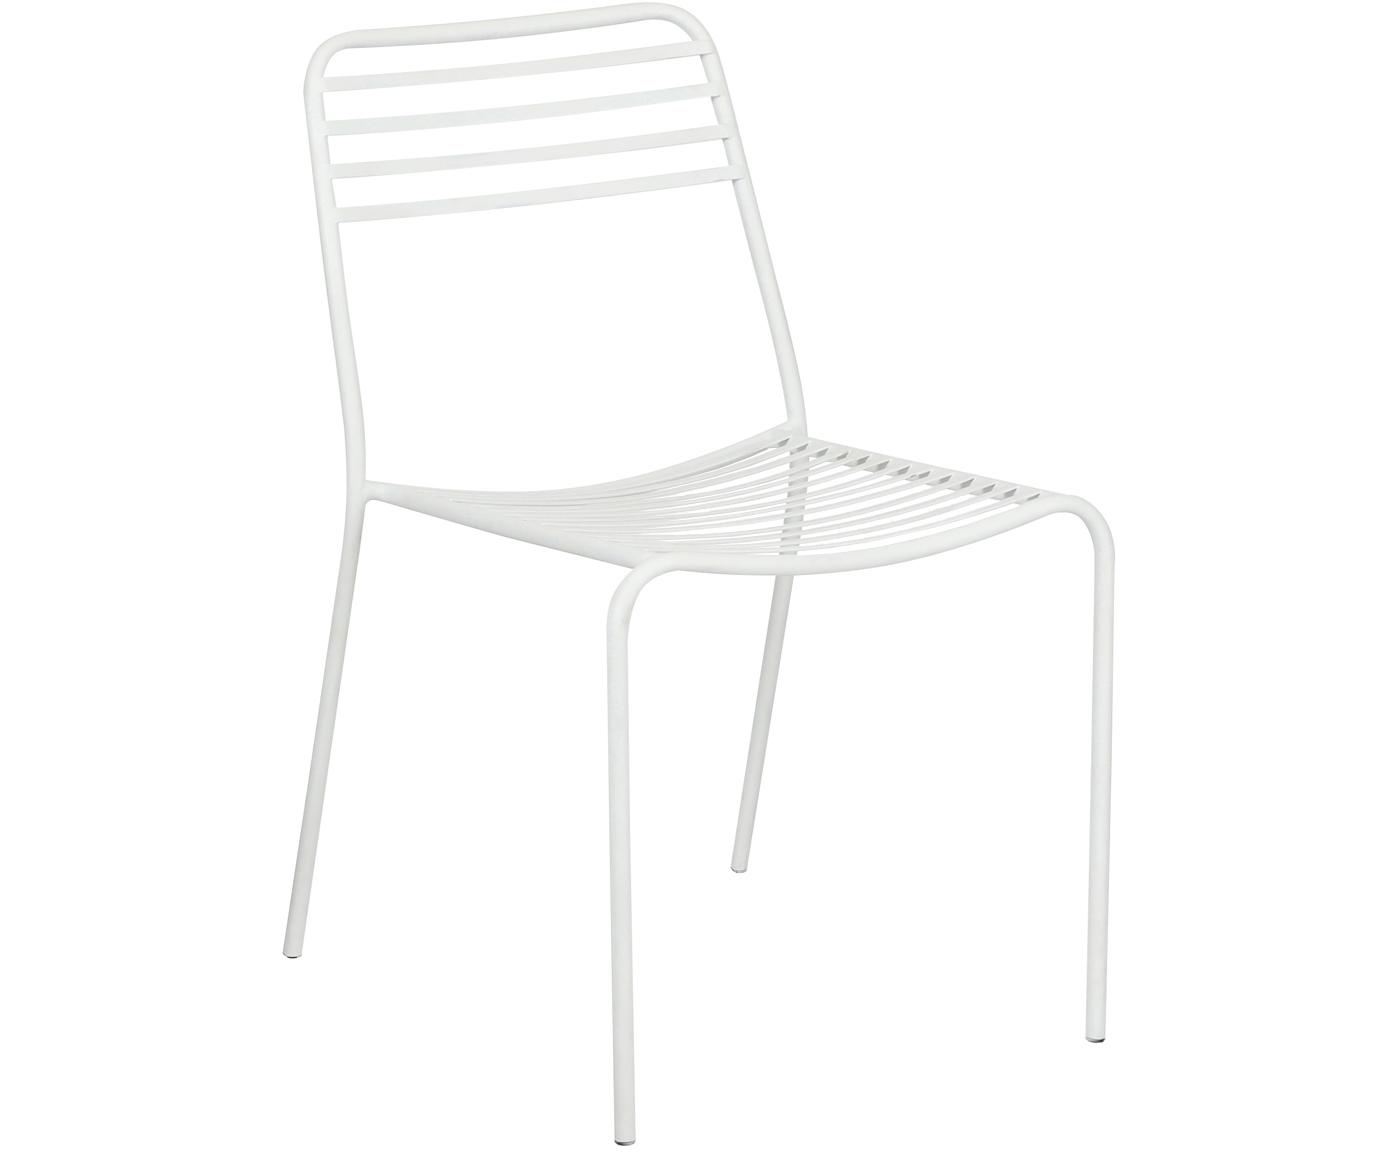 Sedia in metallo Tula 2 pz, Metallo verniciato a polvere, Bianco, Larg. 48 x Prof. 54 cm